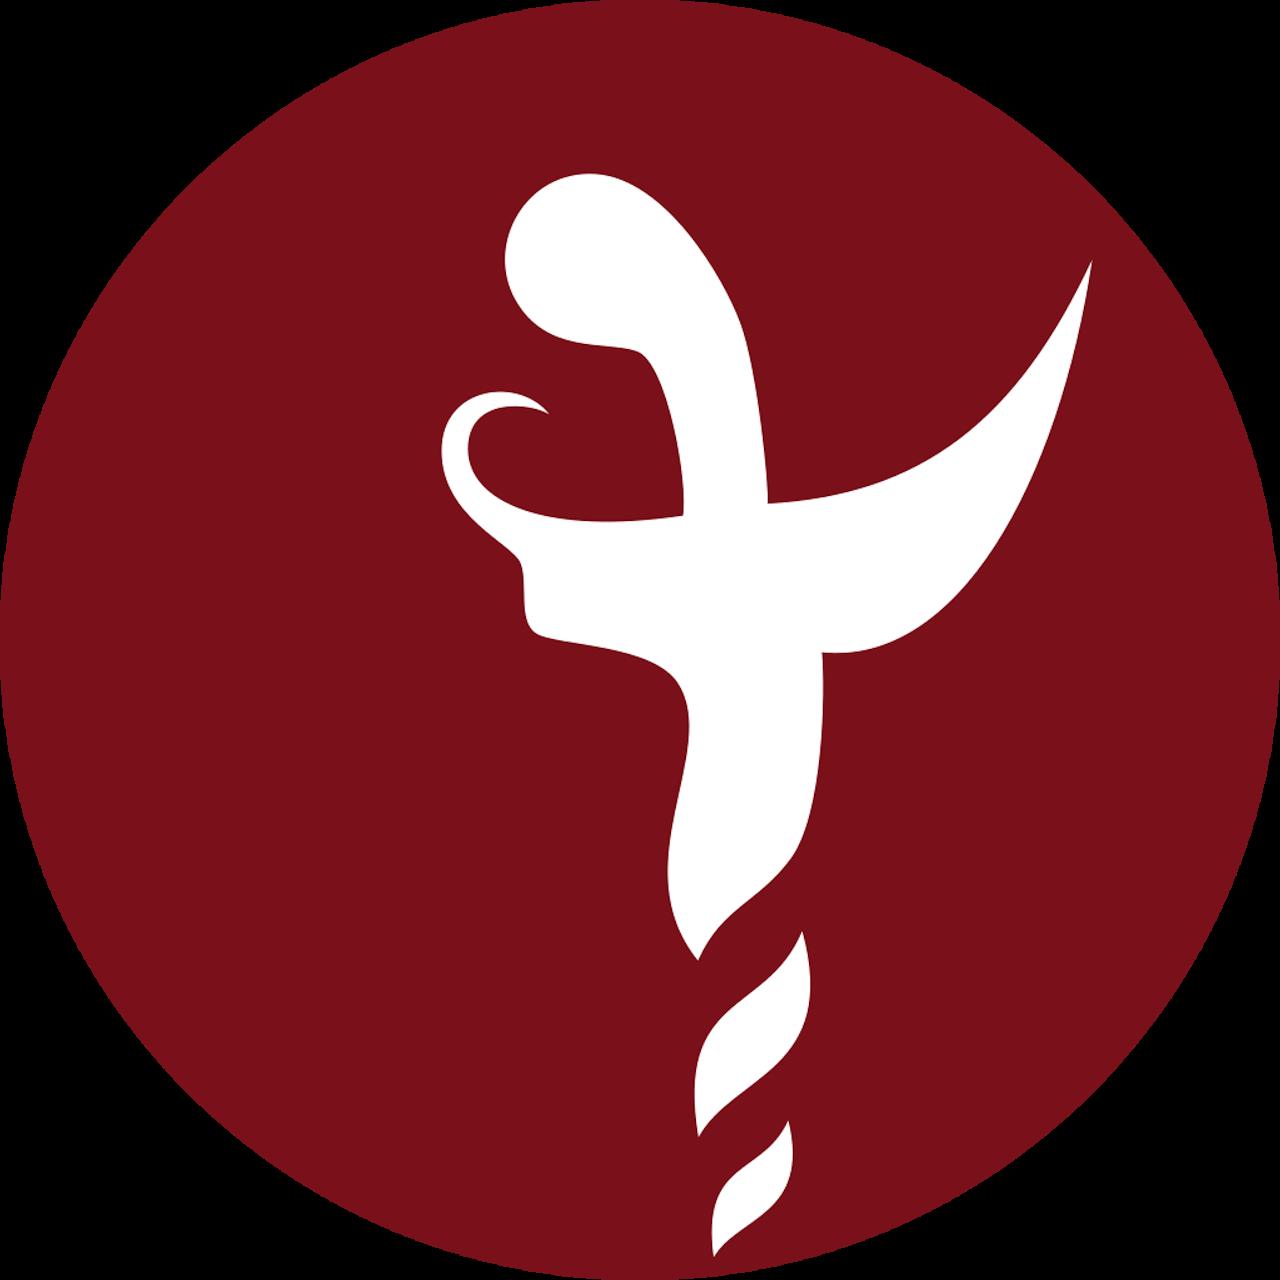 Logo Javawebster Lingkaran 1280px